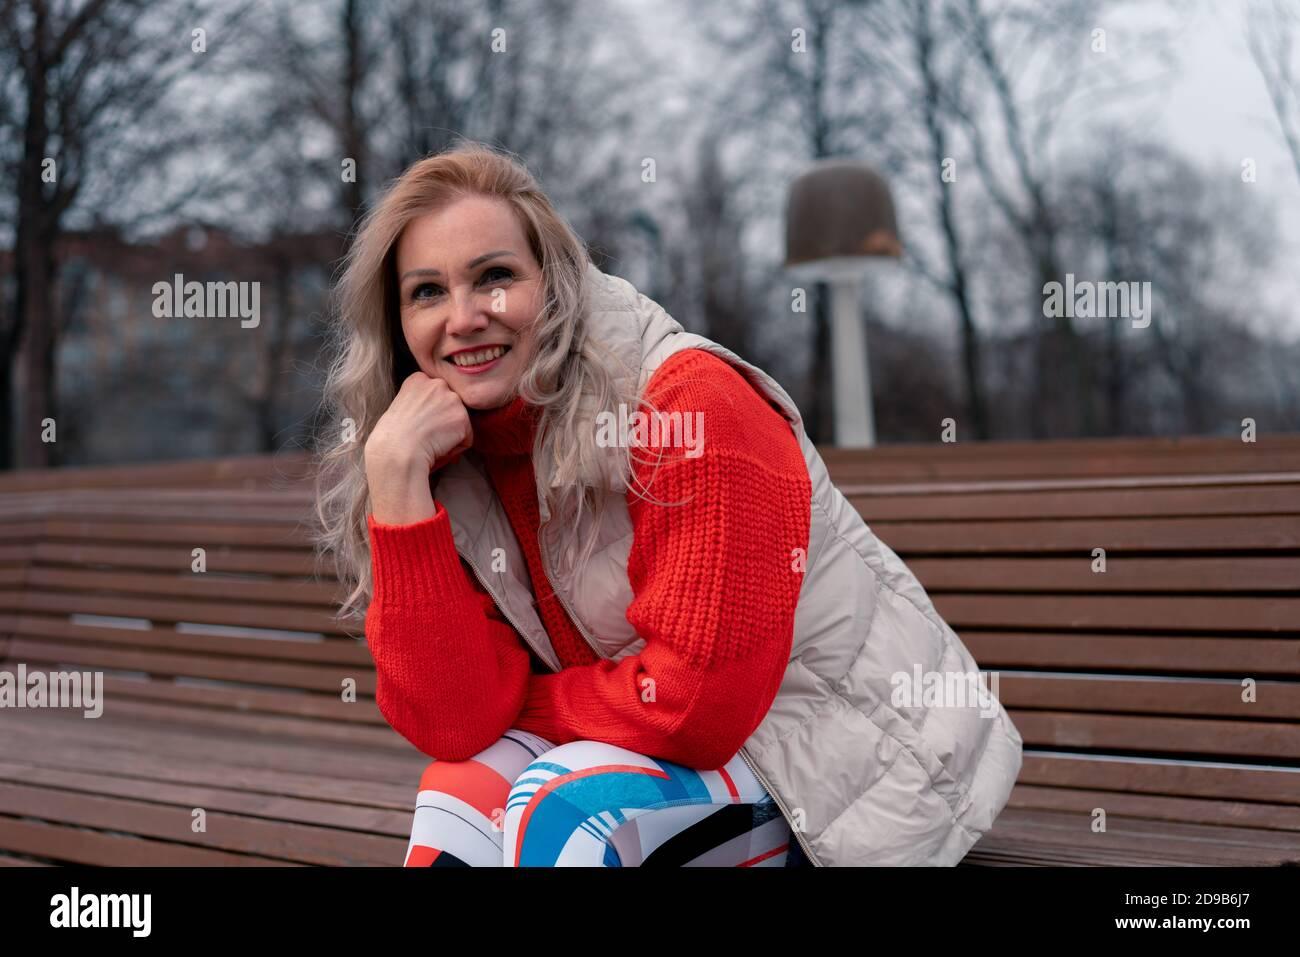 Blond Mûr Femme Smiling Et Assis Sur Le Banc Dans Le Parc Moderne Après Des Exercices Actifs À L'Extérieur. Style De Vie Des Personnes Âgées. Sport Et Relaxe Banque D'Images